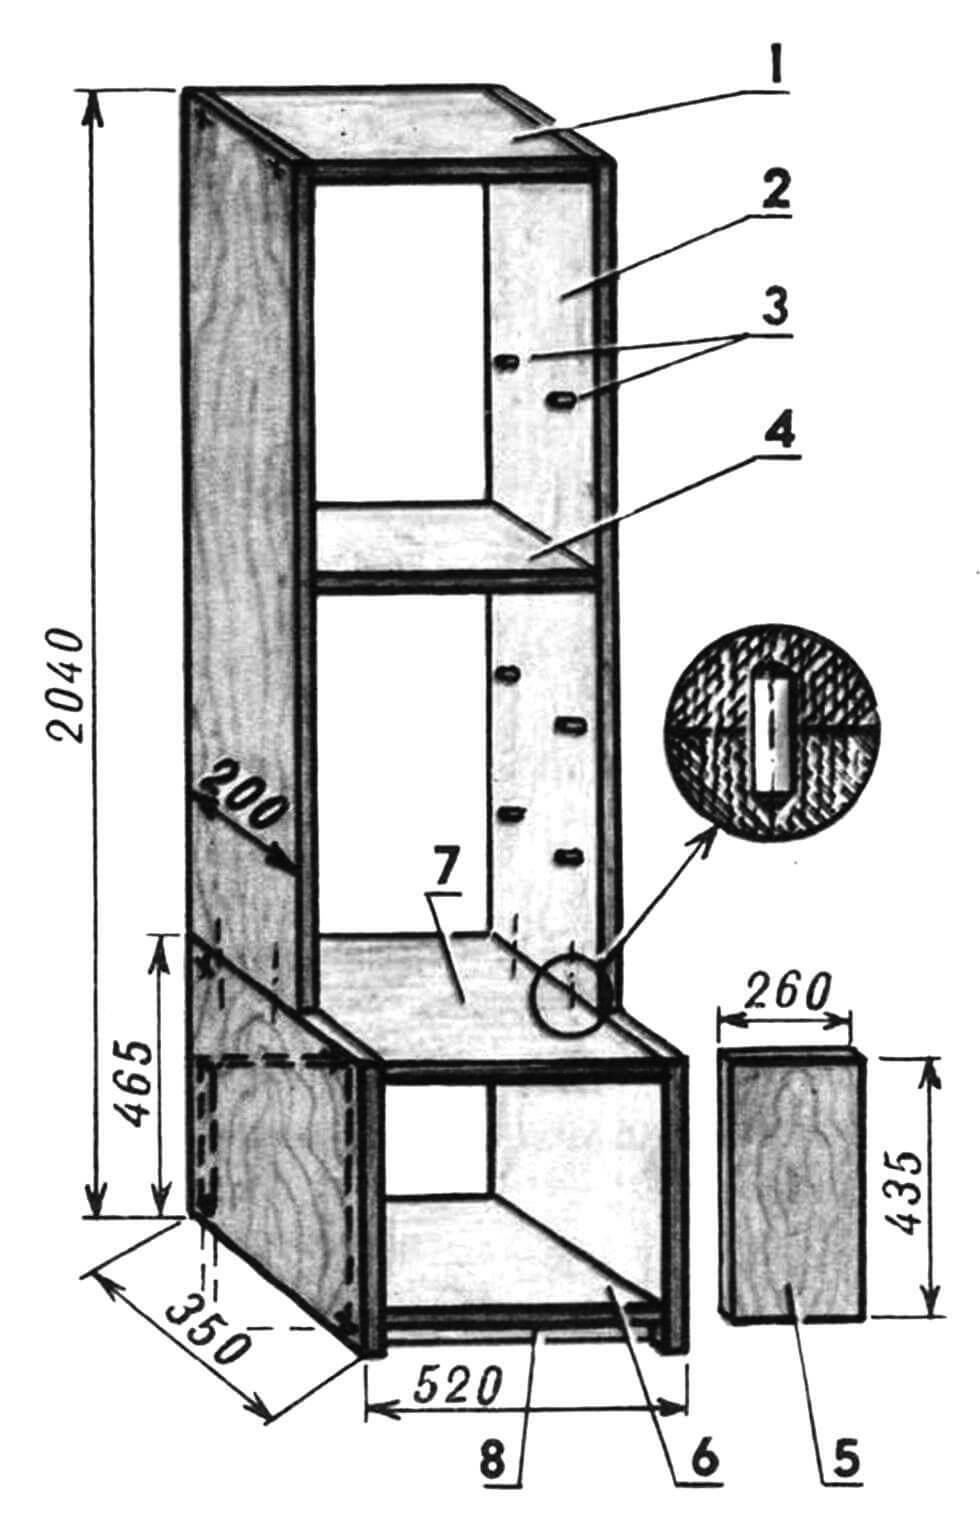 Колонка с тумбочкой: 1 — крышка колонки; 2 — боковина (2 шт.); 3— опоры полок (16 шт.); 4 — полка (4 шт.); 5 — дверка (2 шт.); 6 — днище; 7 — крышка тумбочки; 8 — опора днища (брусок, 2 шт.).